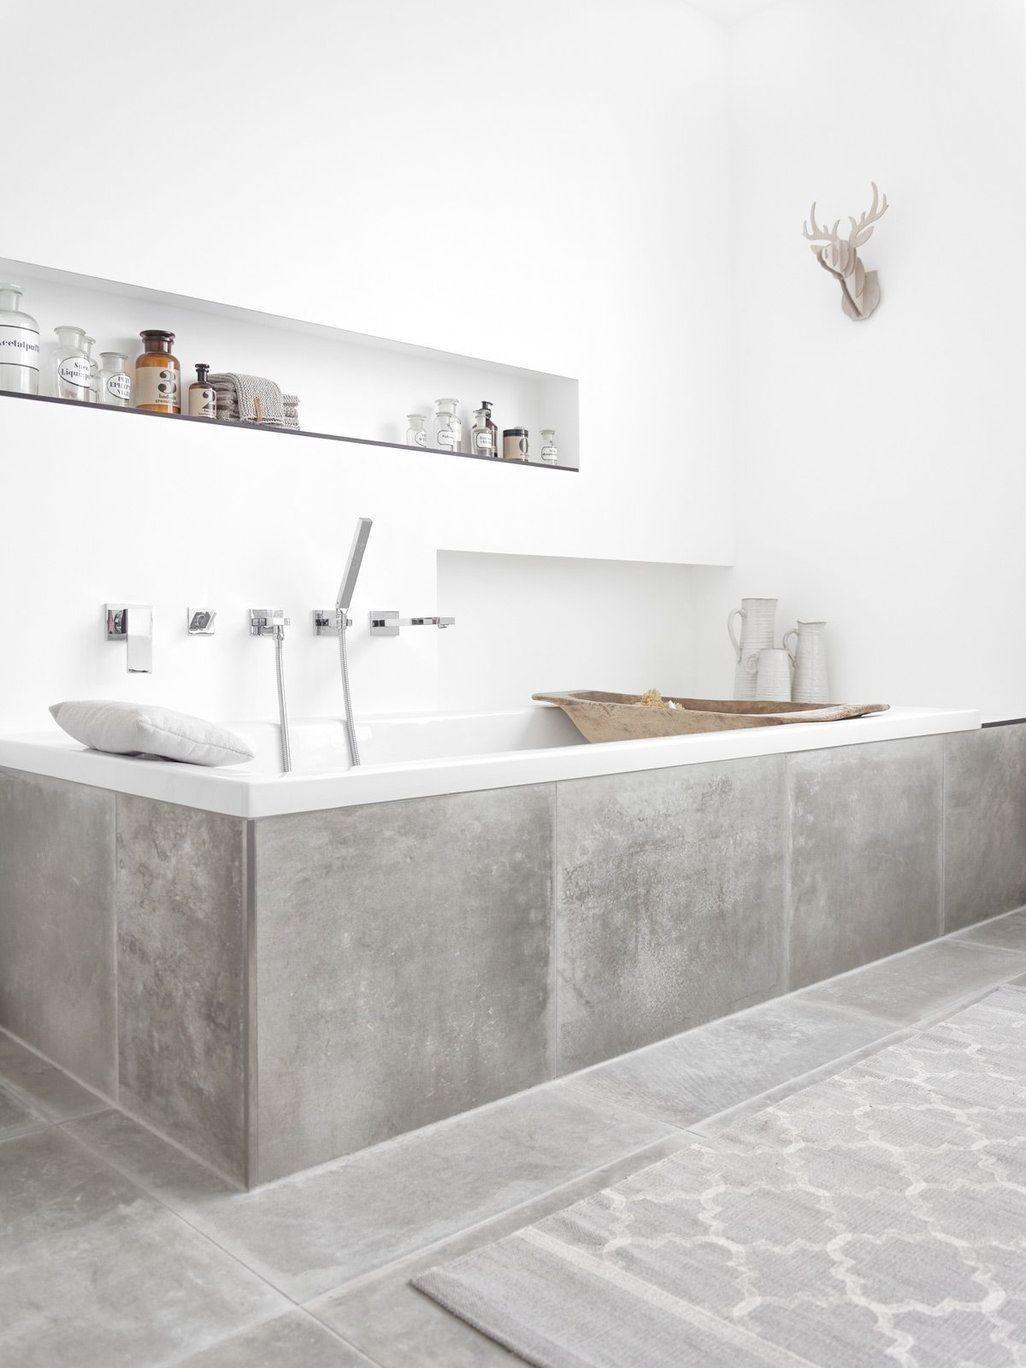 Luxury Bathrooms Berkshire Bathroom Escape Walkthrough Luxurybathroomescapewalkthrough Minimalist Design Tidy